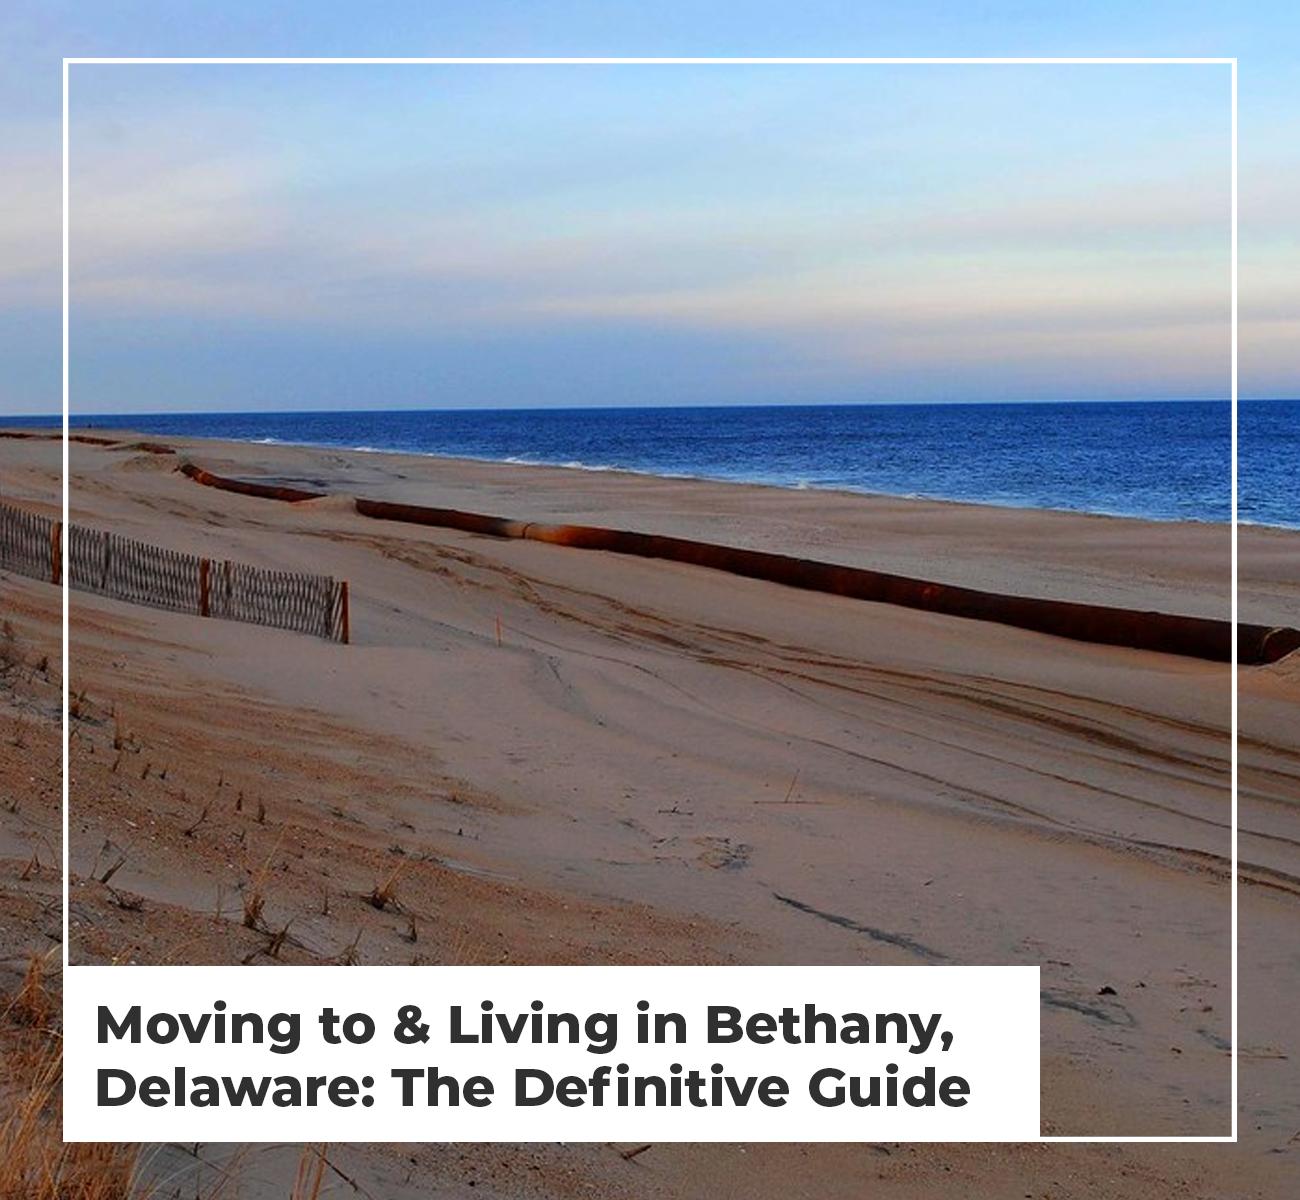 Bethany, Delaware